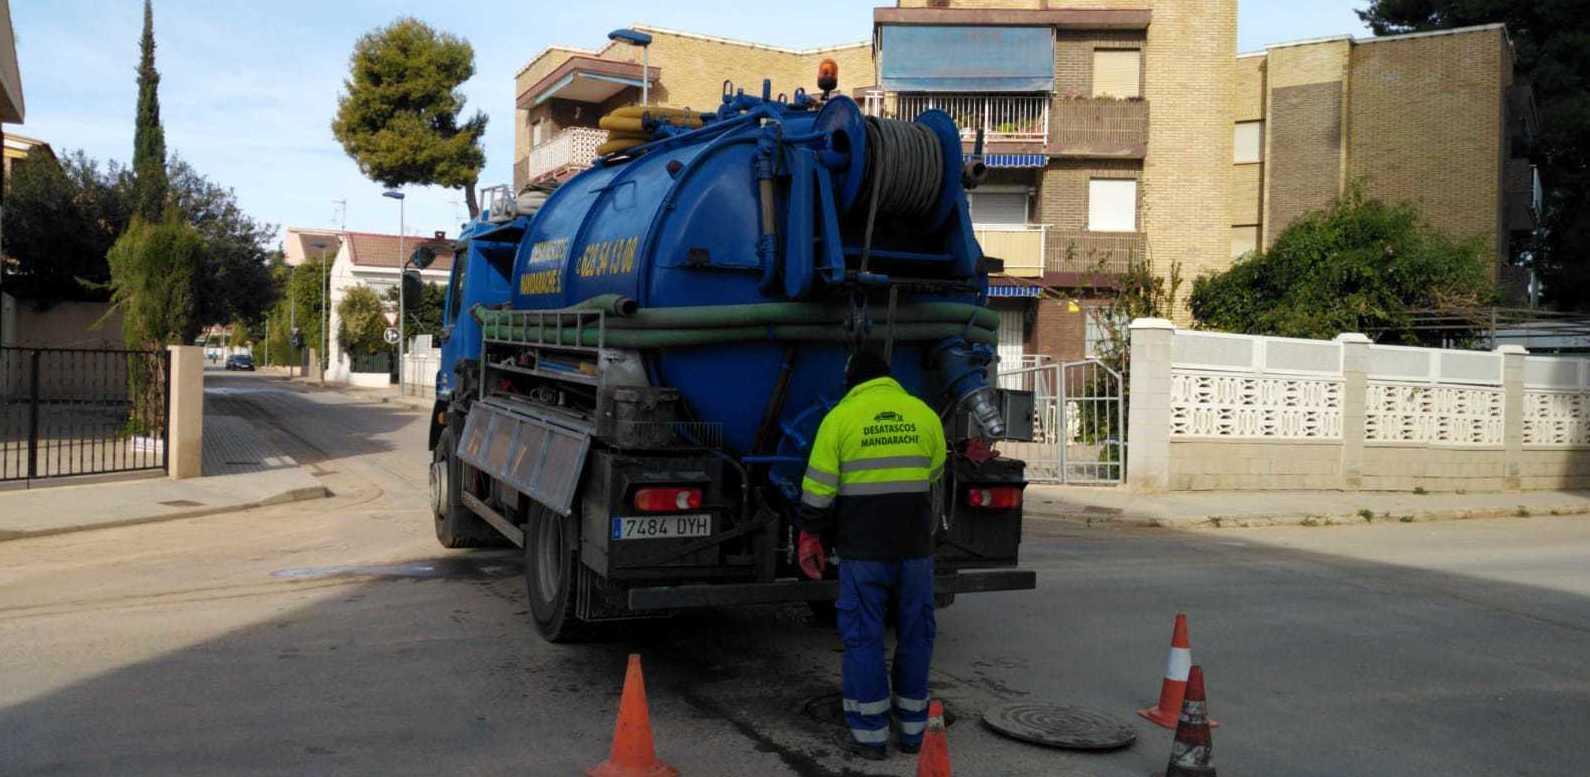 Foto 52 de Desatascos en Cartagena | Desatascos Mandarache, S.L.